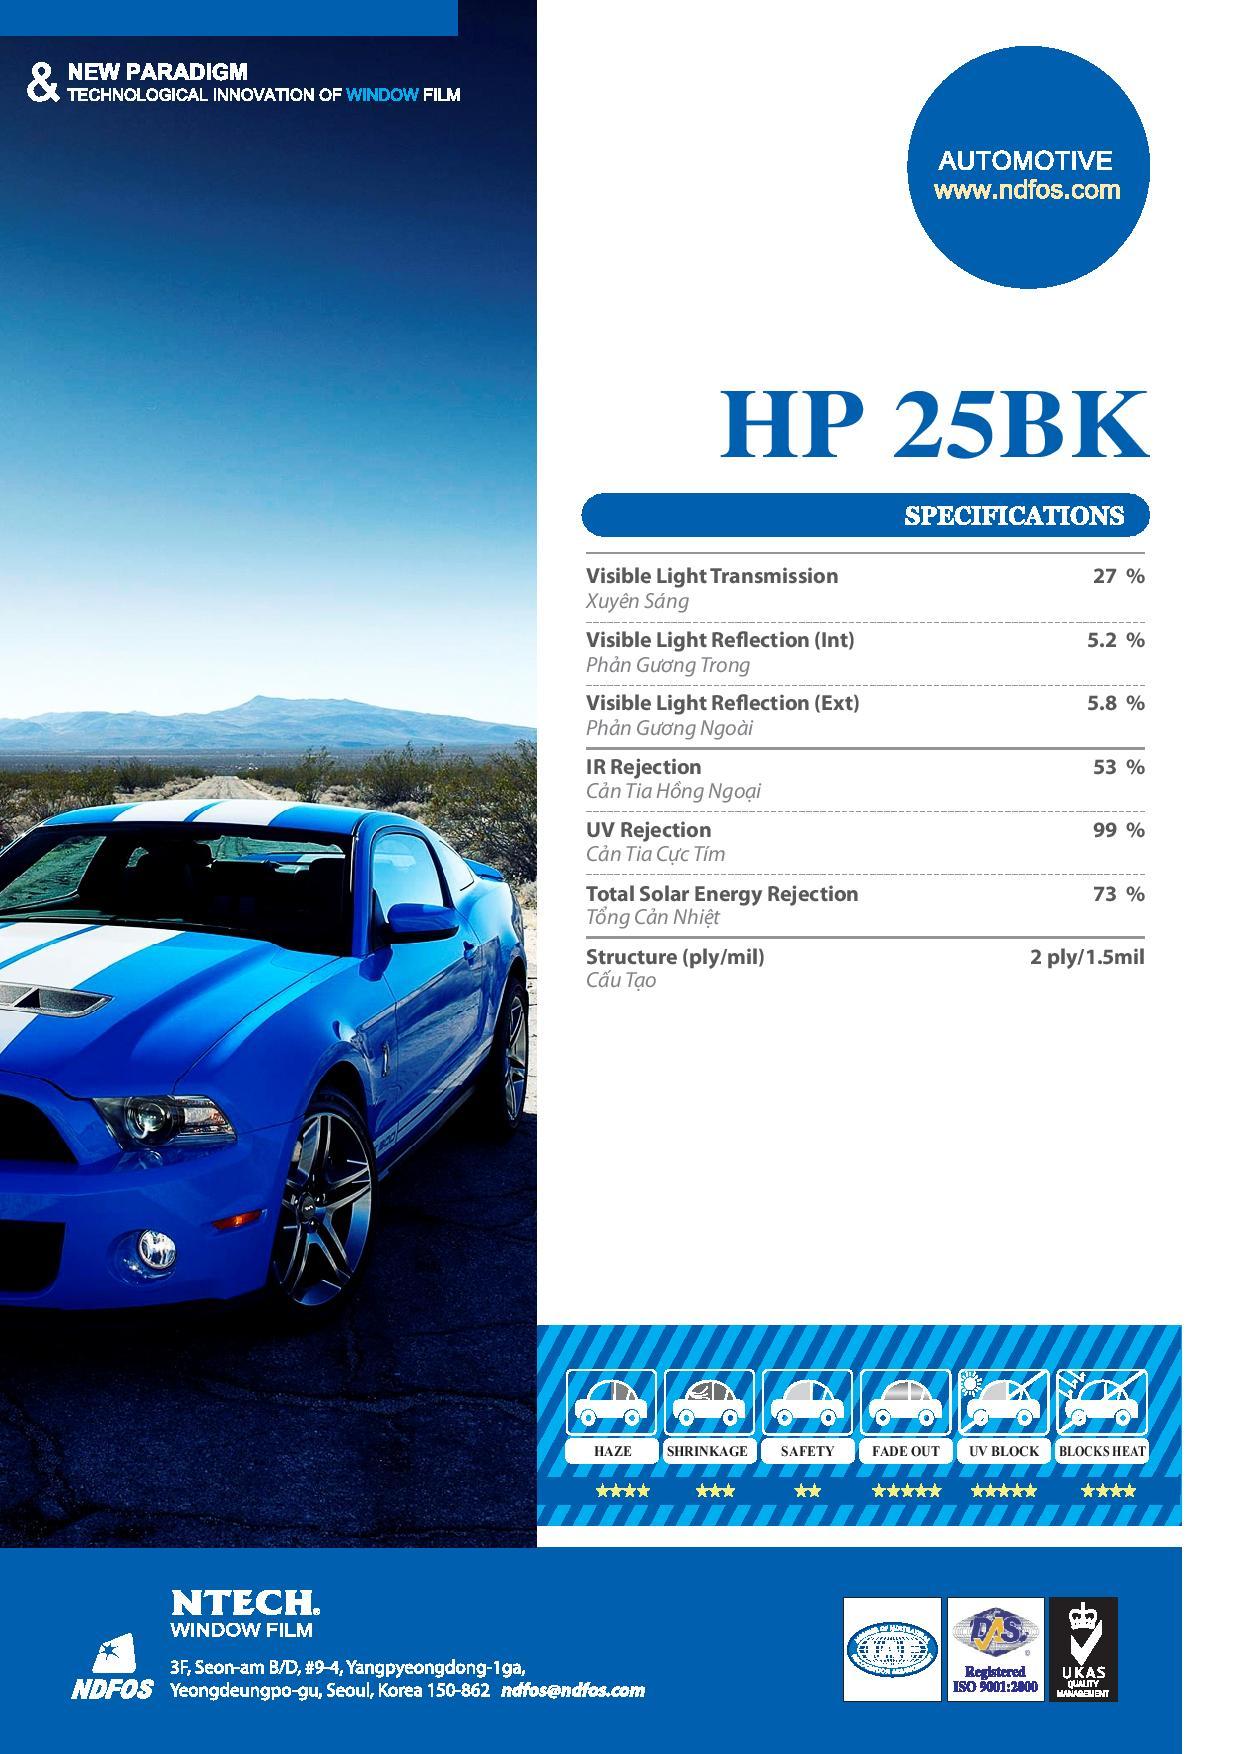 Mã phim PHP 25 BK